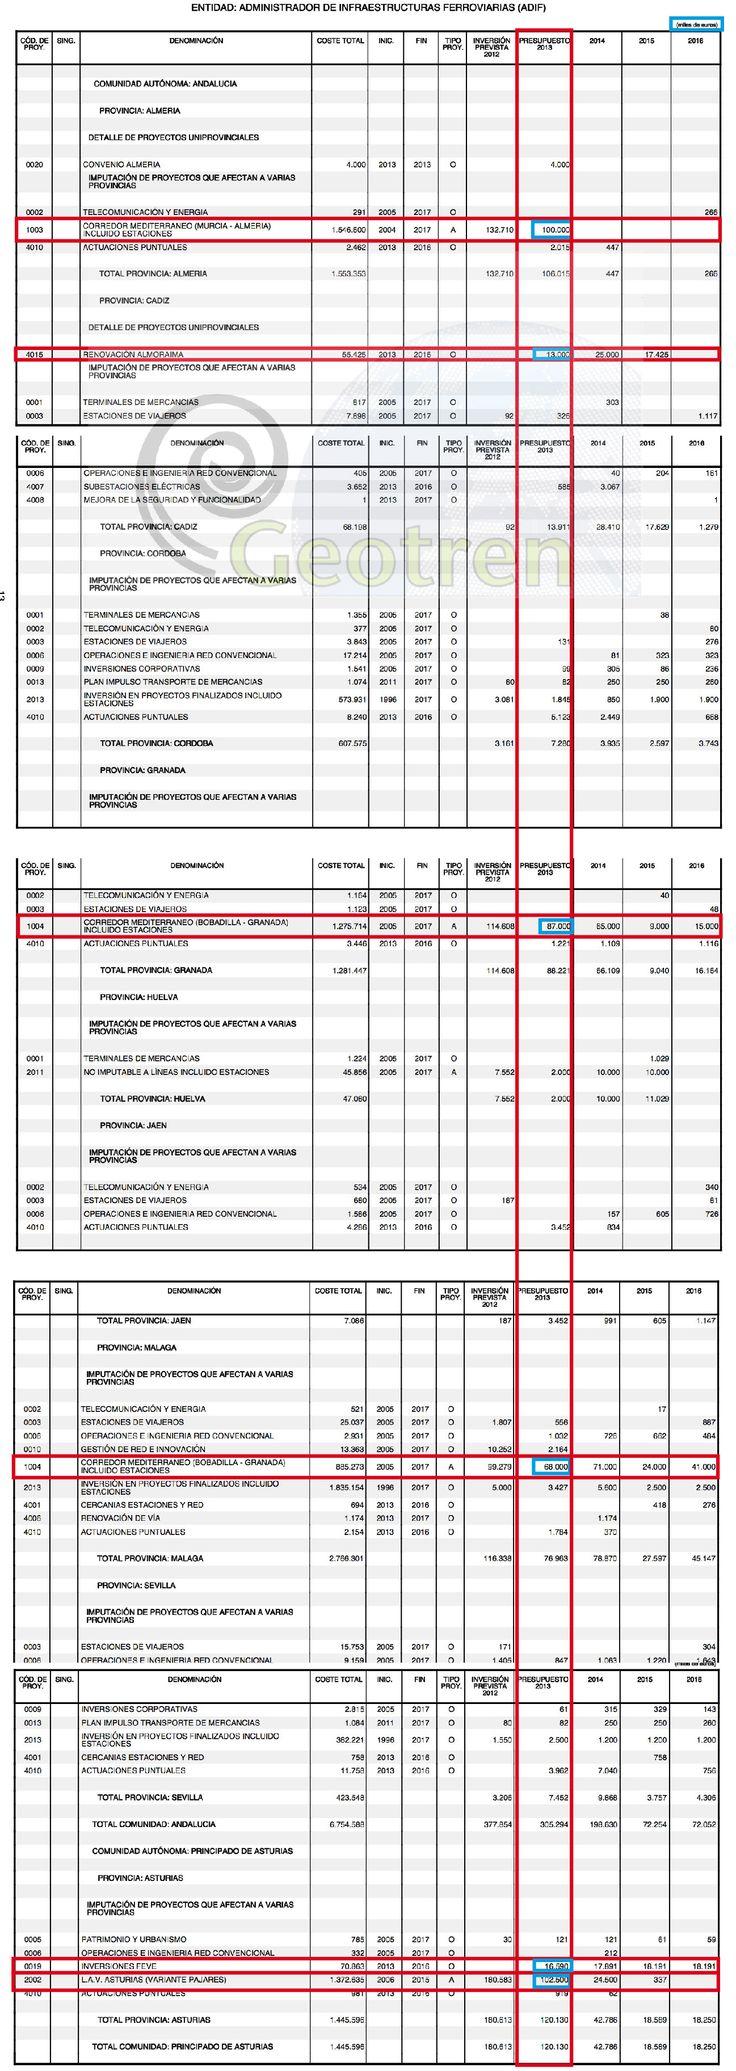 Presupuestos Generales del Estado de España para 2013 y la Alta Velocidad: Desglose por Corredor . Asturias y Andalucía: Sevilla, Málaga, Jaén, Granada, Córdoba, Huelva, Cadiz, Almería